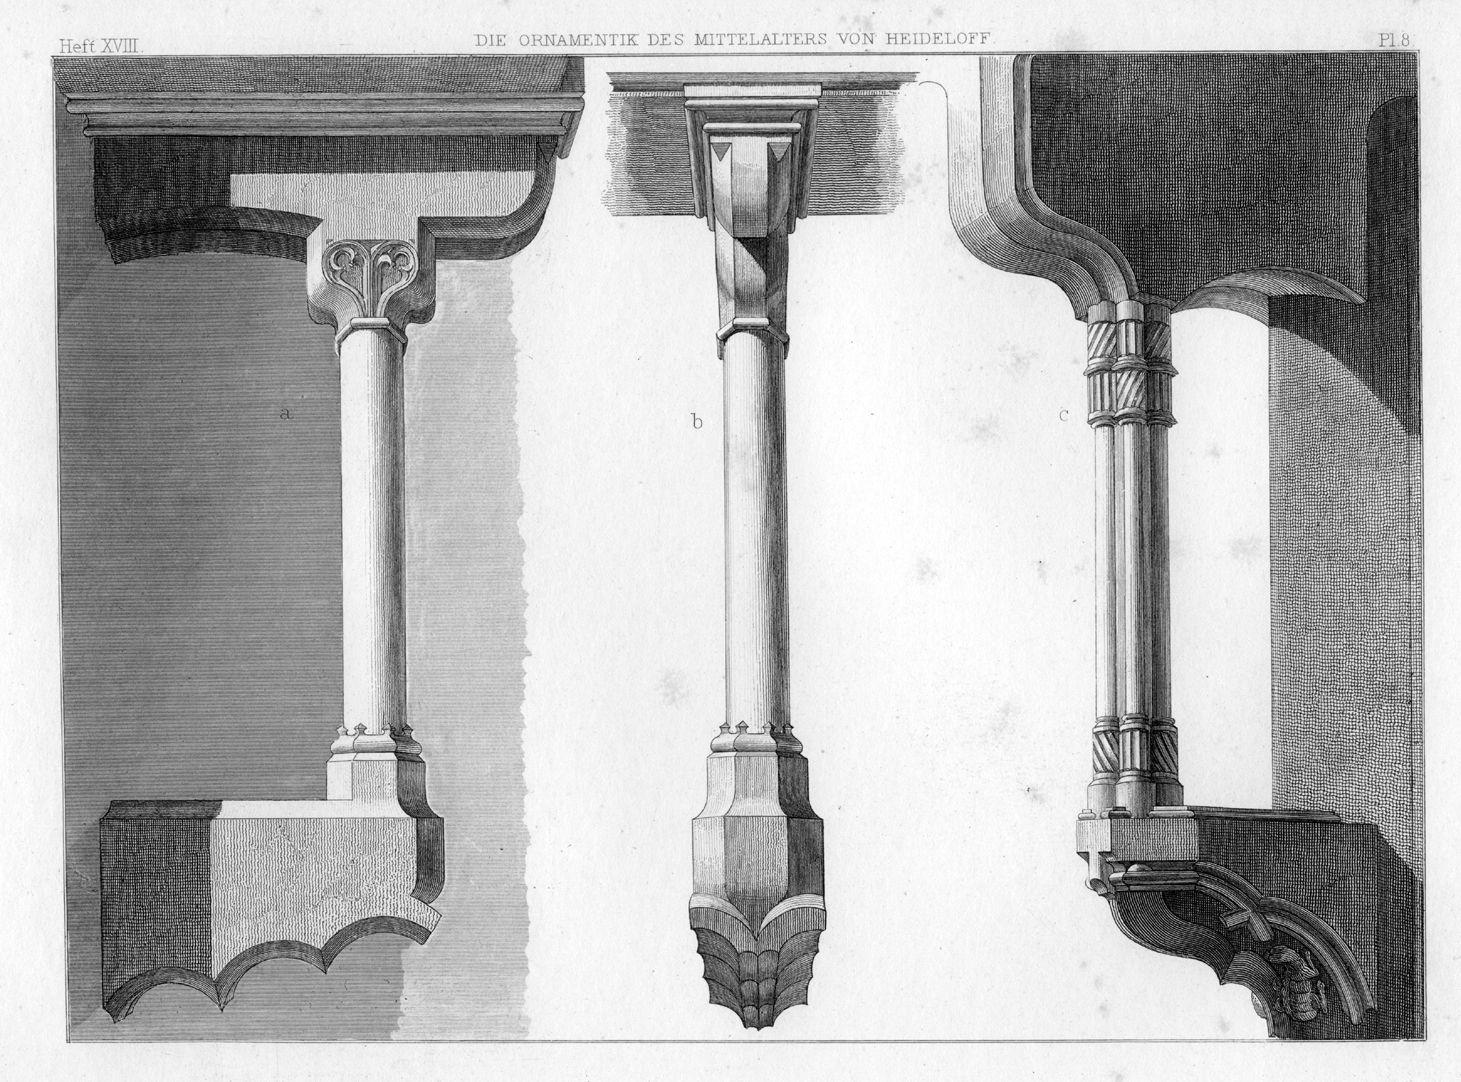 Ornamentik des Mittelalters Ellbogenstützen von großem Rathaushof in Nürnberg